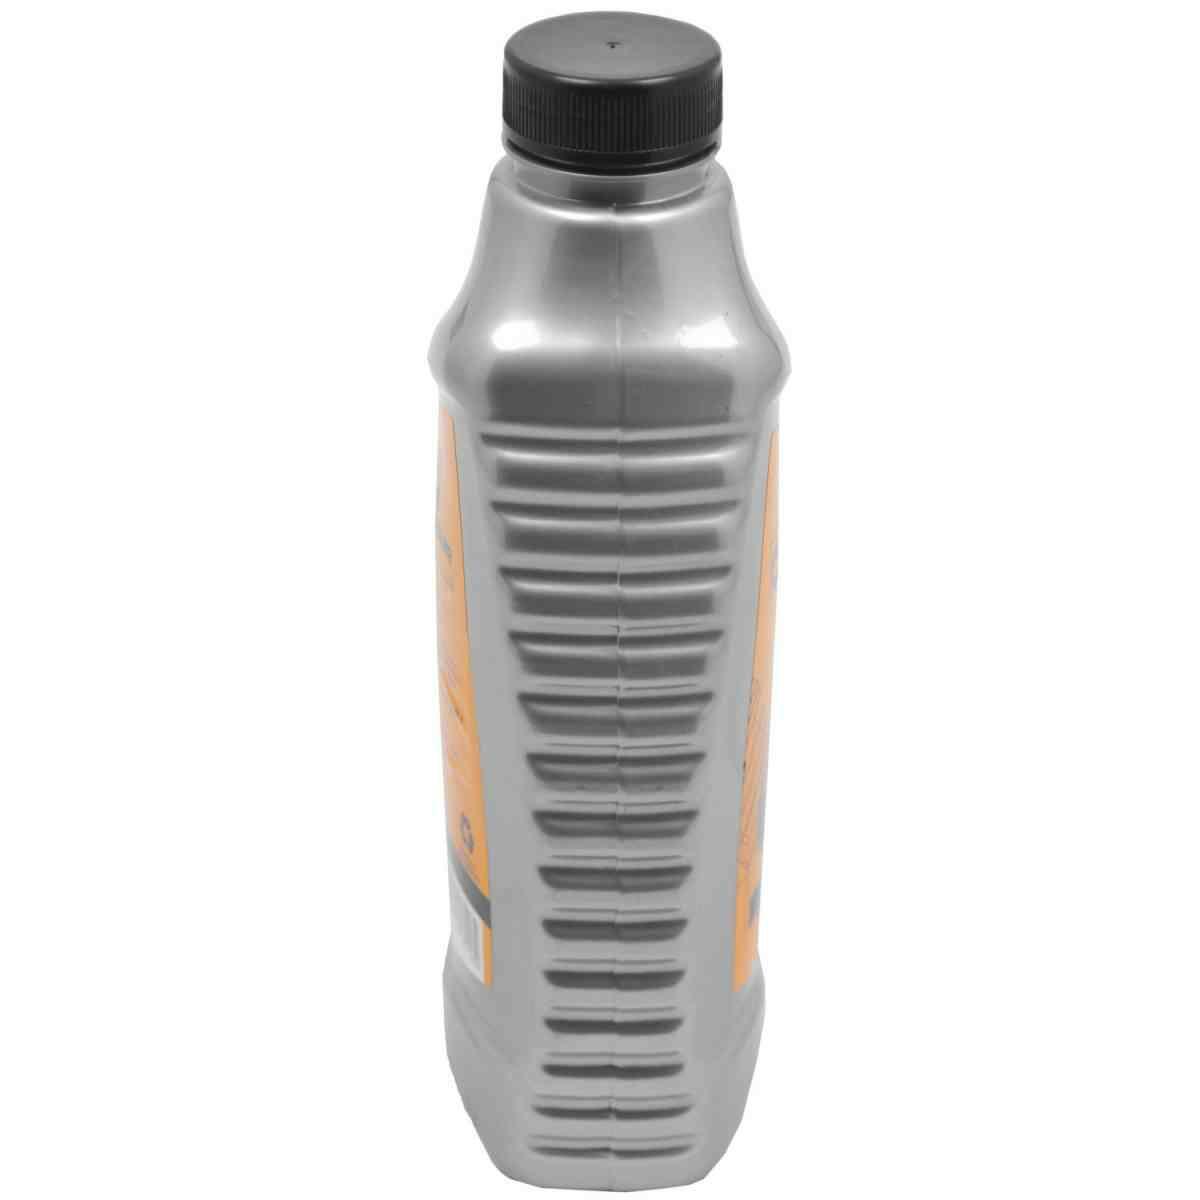 Óleo para Compressores de Ar Tipo Pistão 1 Litro Lub Aw150 Pressure